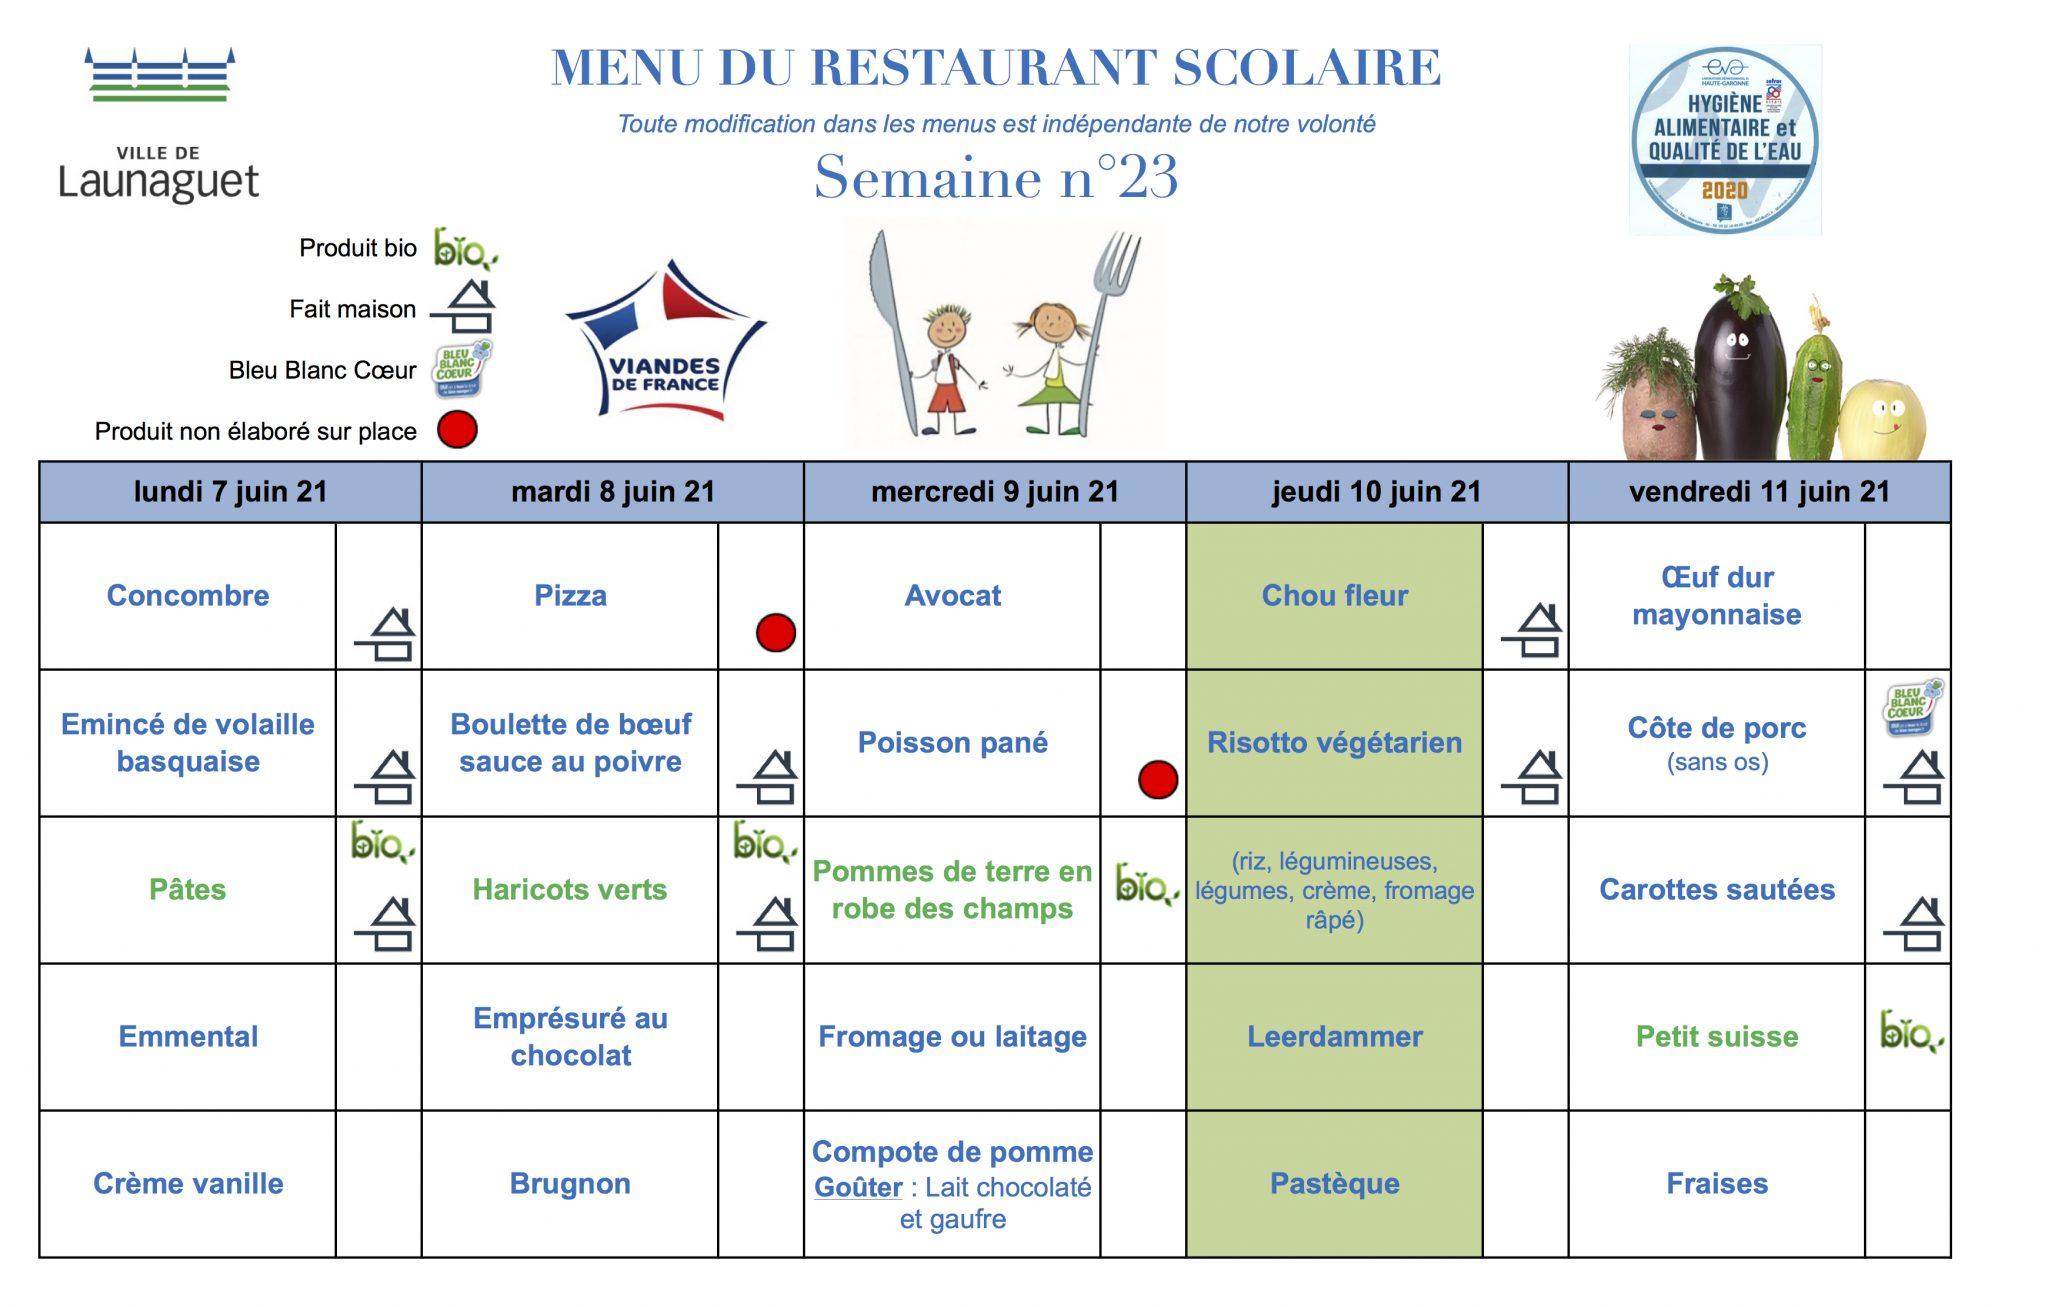 menus Launaguet semaine 23